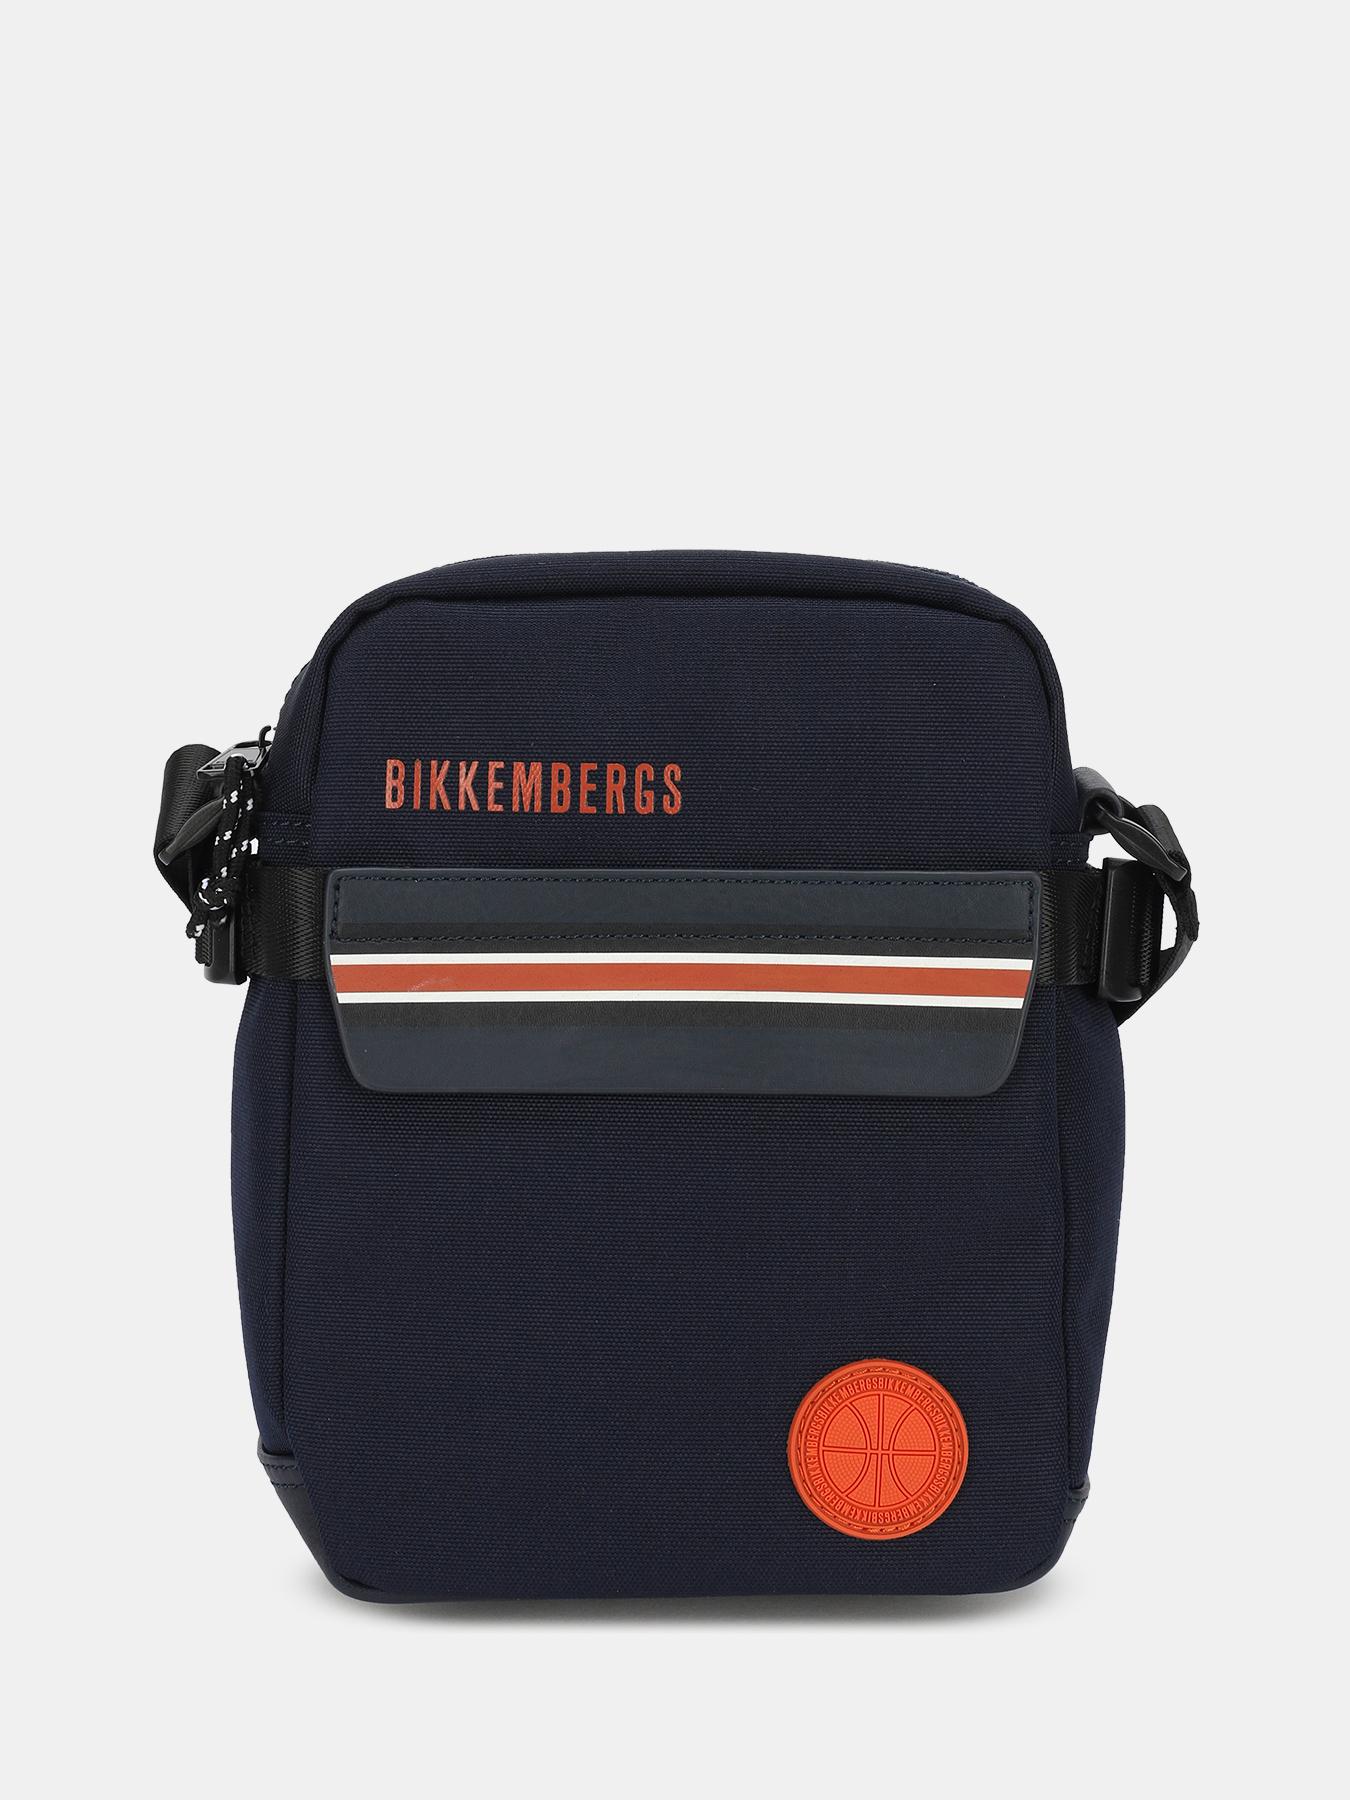 bikkembergs деловые сумки Сумки Bikkembergs Сумка